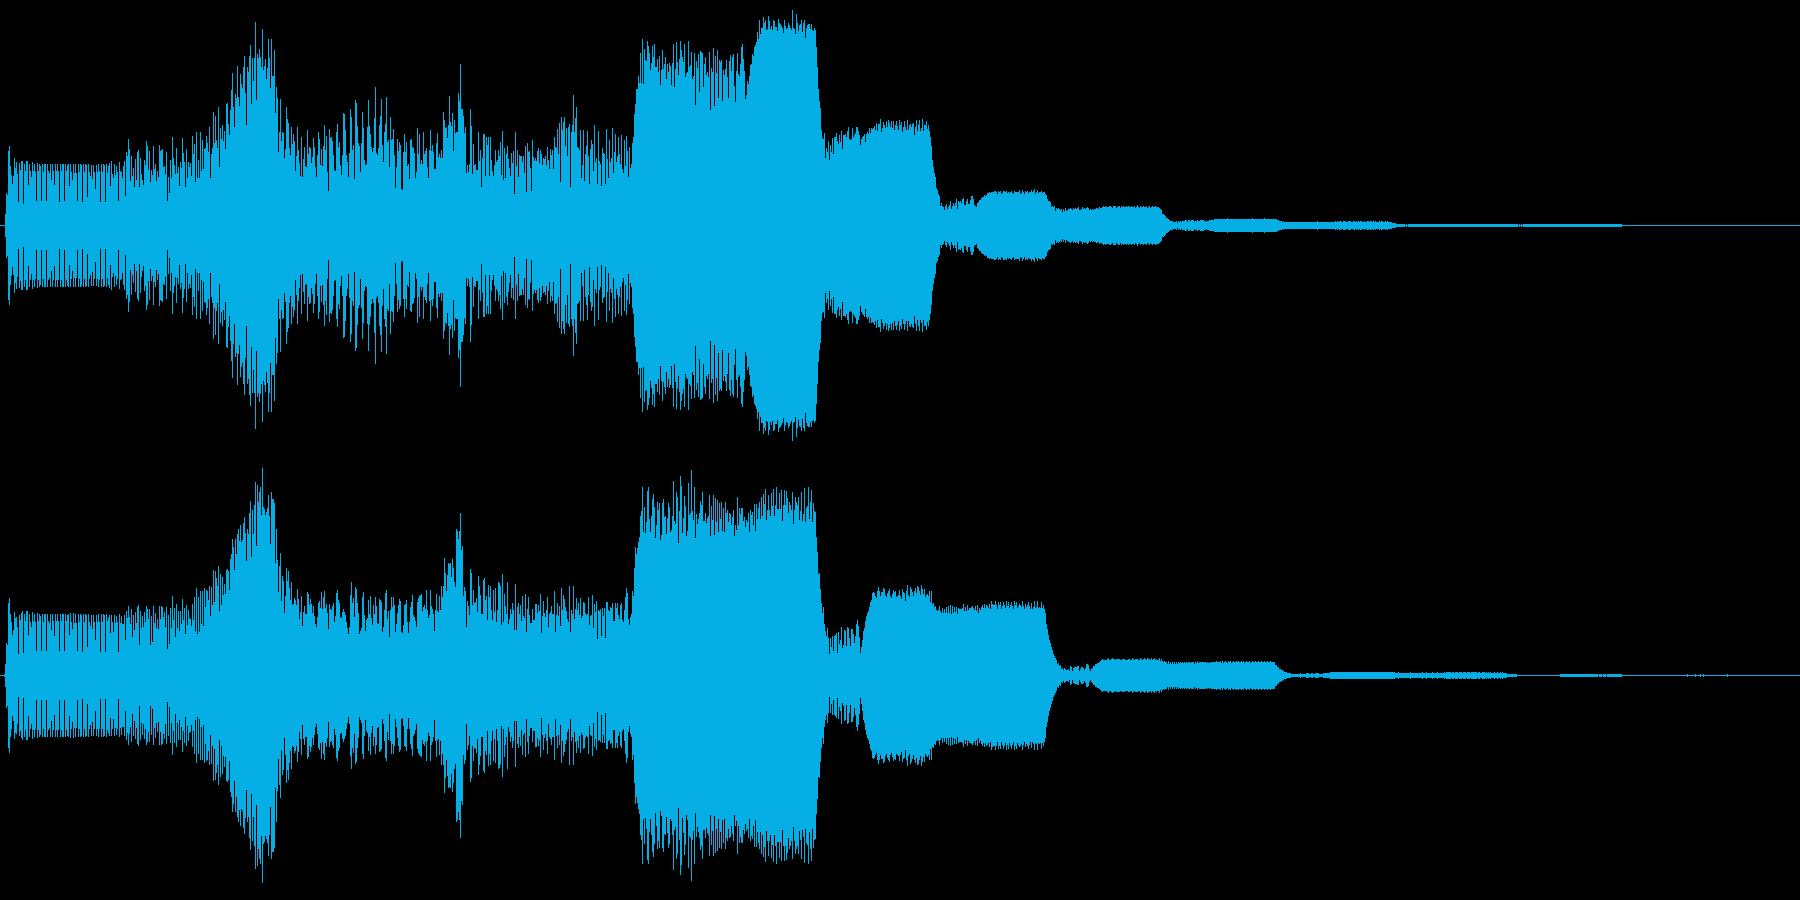 ピュゥゥイィィ。上がる・伸びる音(長)の再生済みの波形